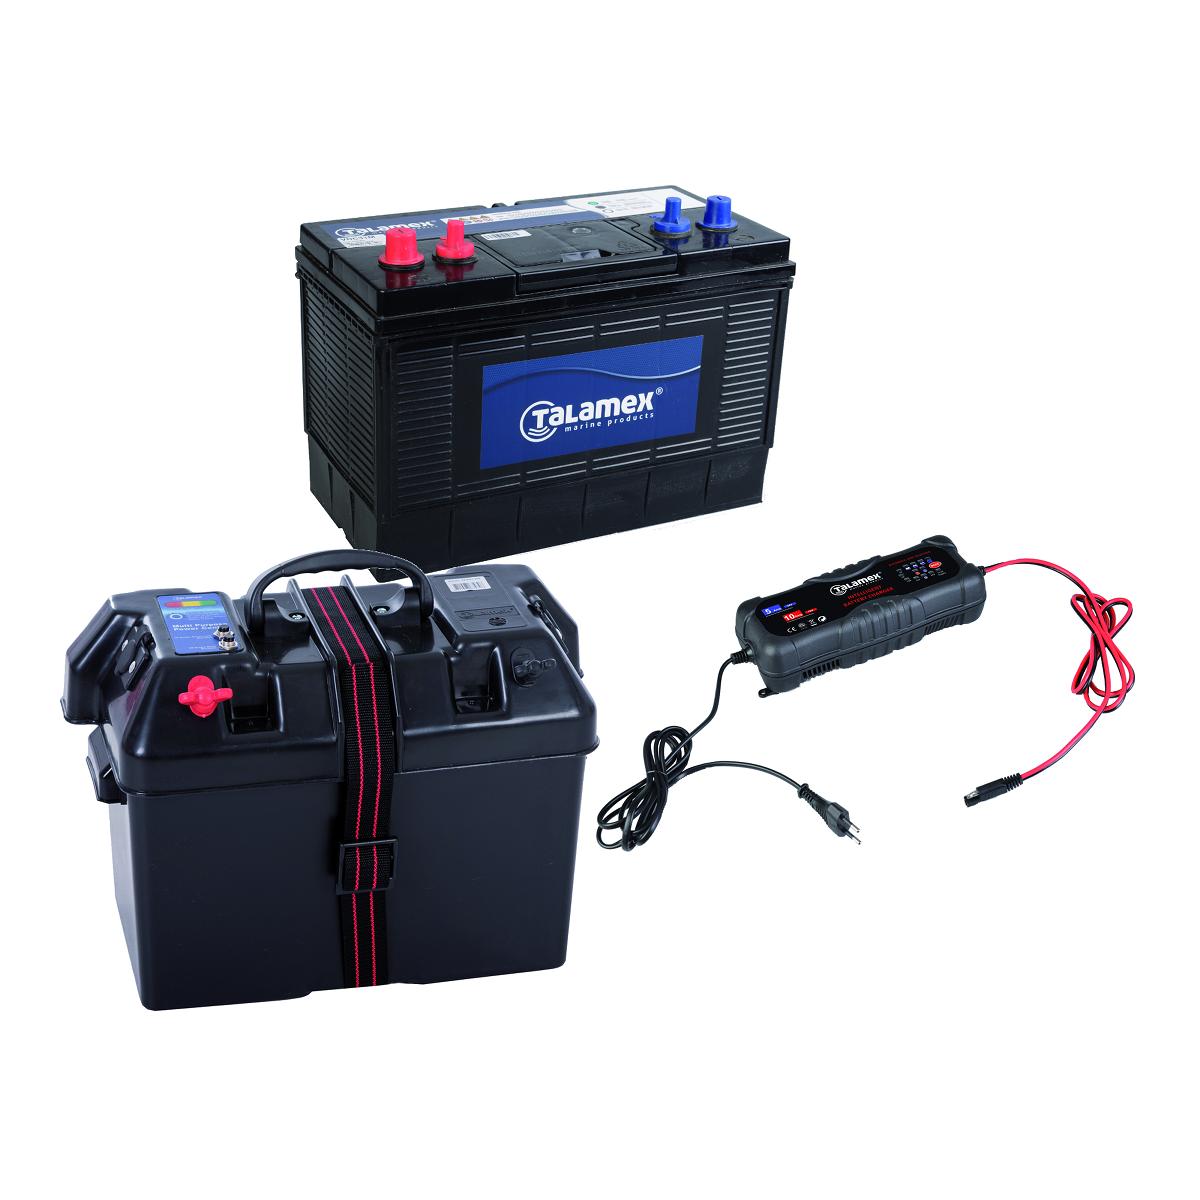 Accessoireset voor Talamex elektrische buitenboordmotor TM30/TM40